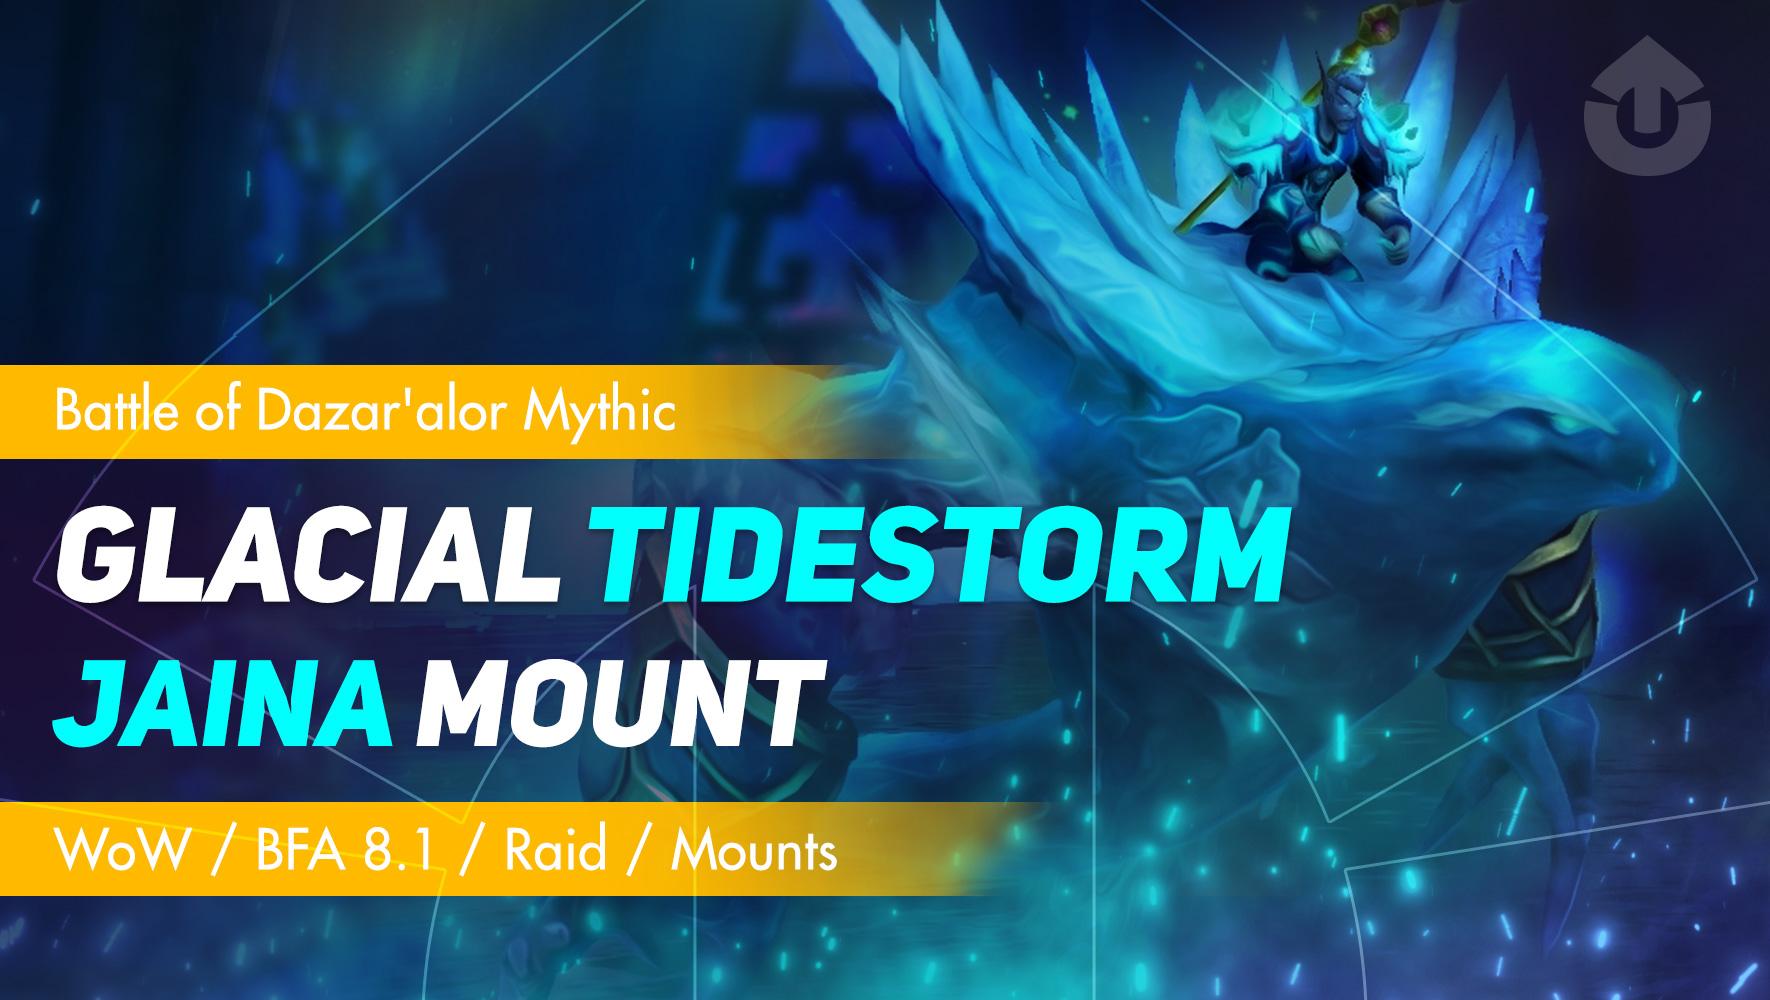 Glacial Tidestorm GBD - e2p.com